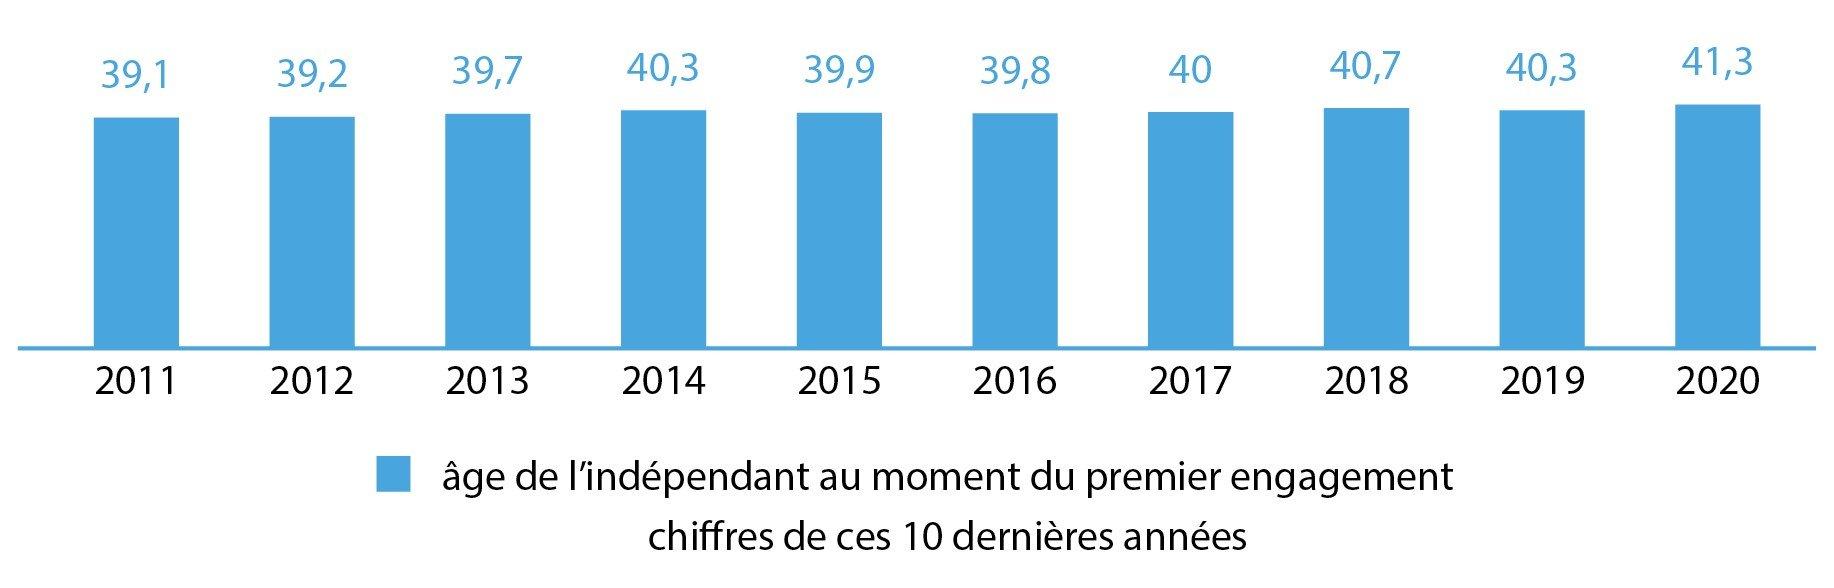 âge de l'indépendant au moment du premier engagement, chiffres de ces 10 dernières années